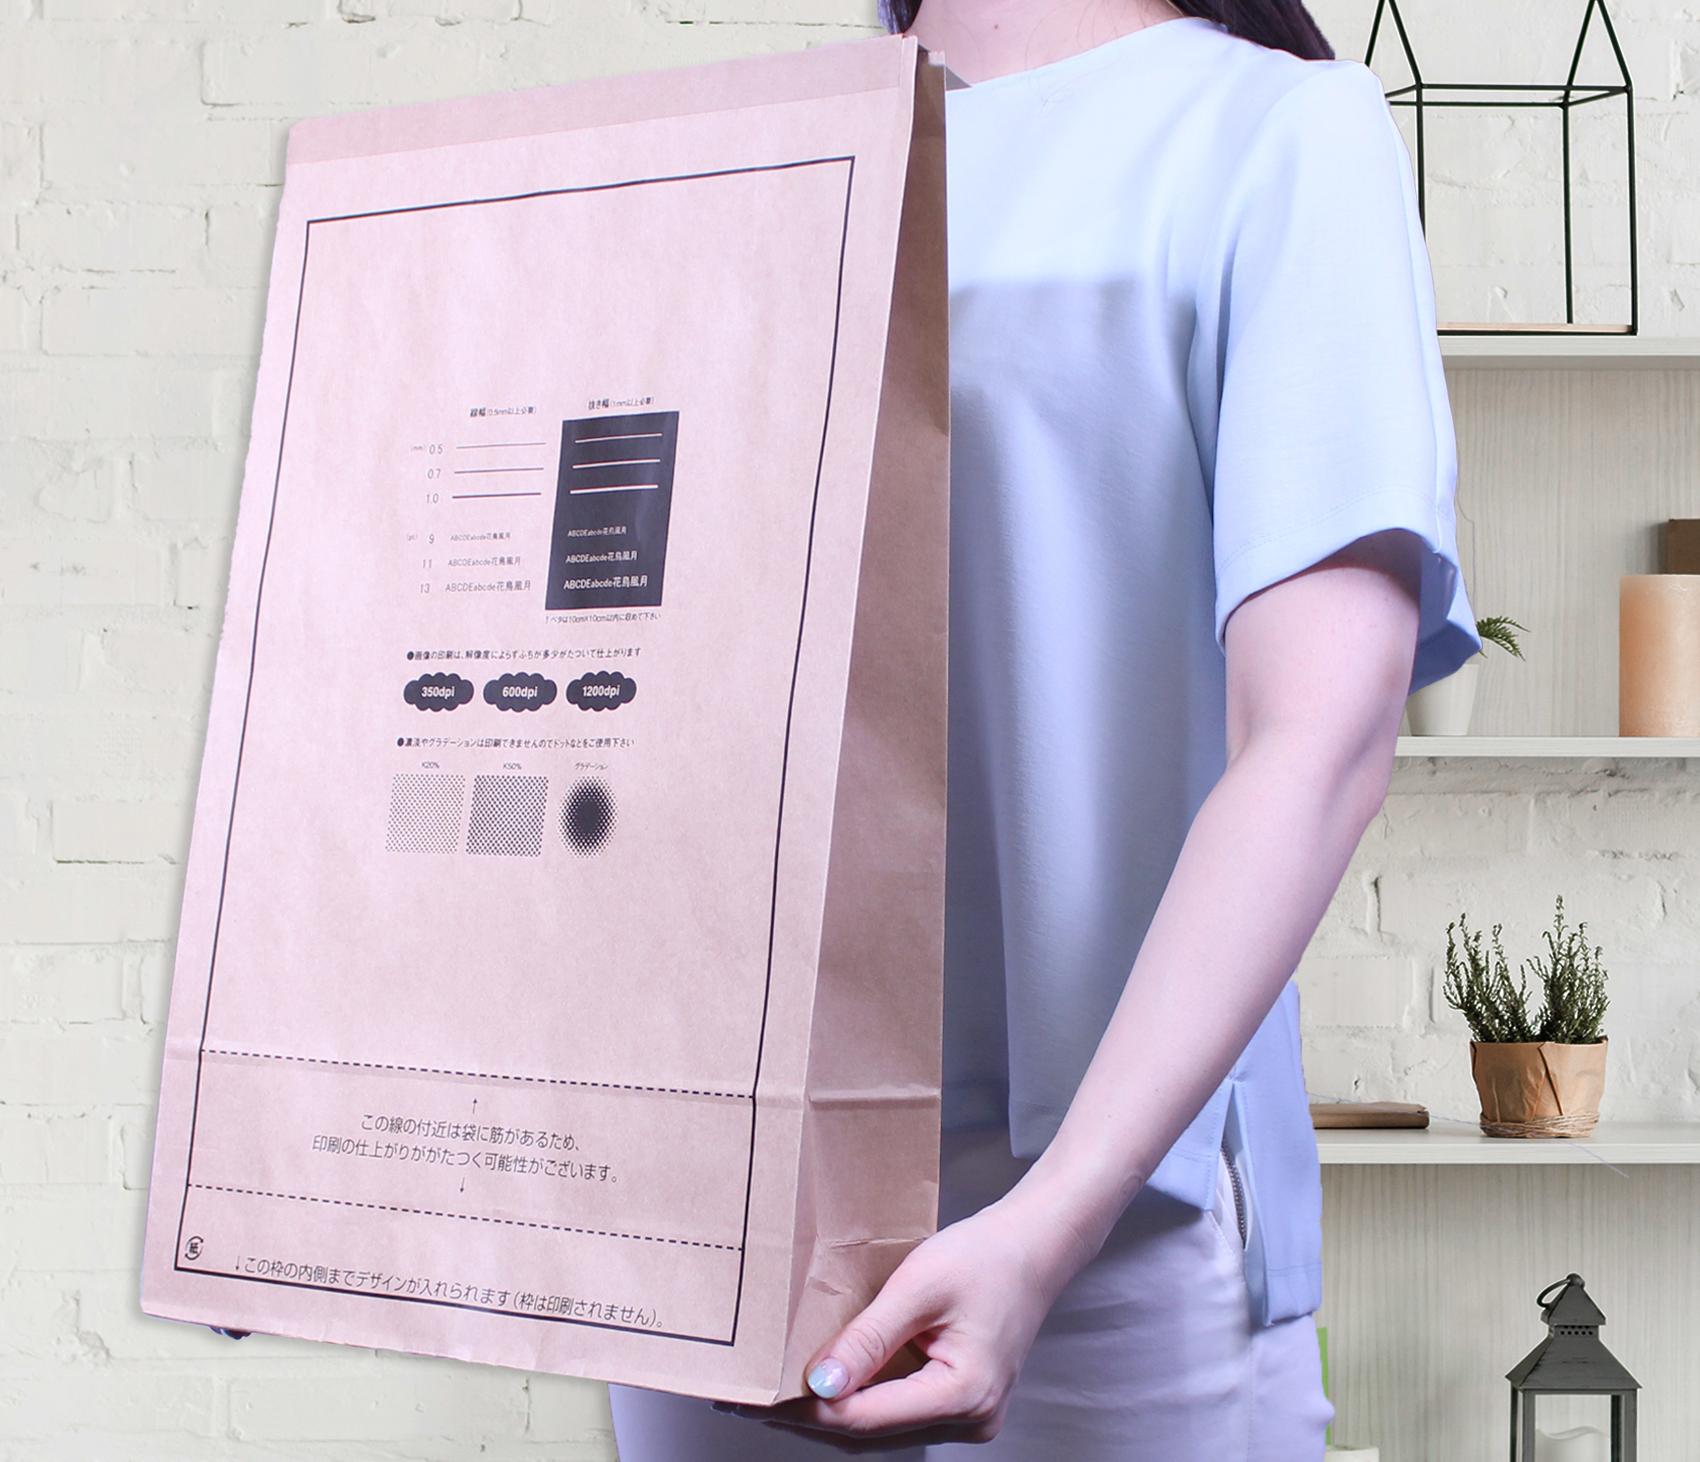 ワンポイント宅配紙袋(片艶晒クラフト)Lサイズのサンプルイメージ画像2